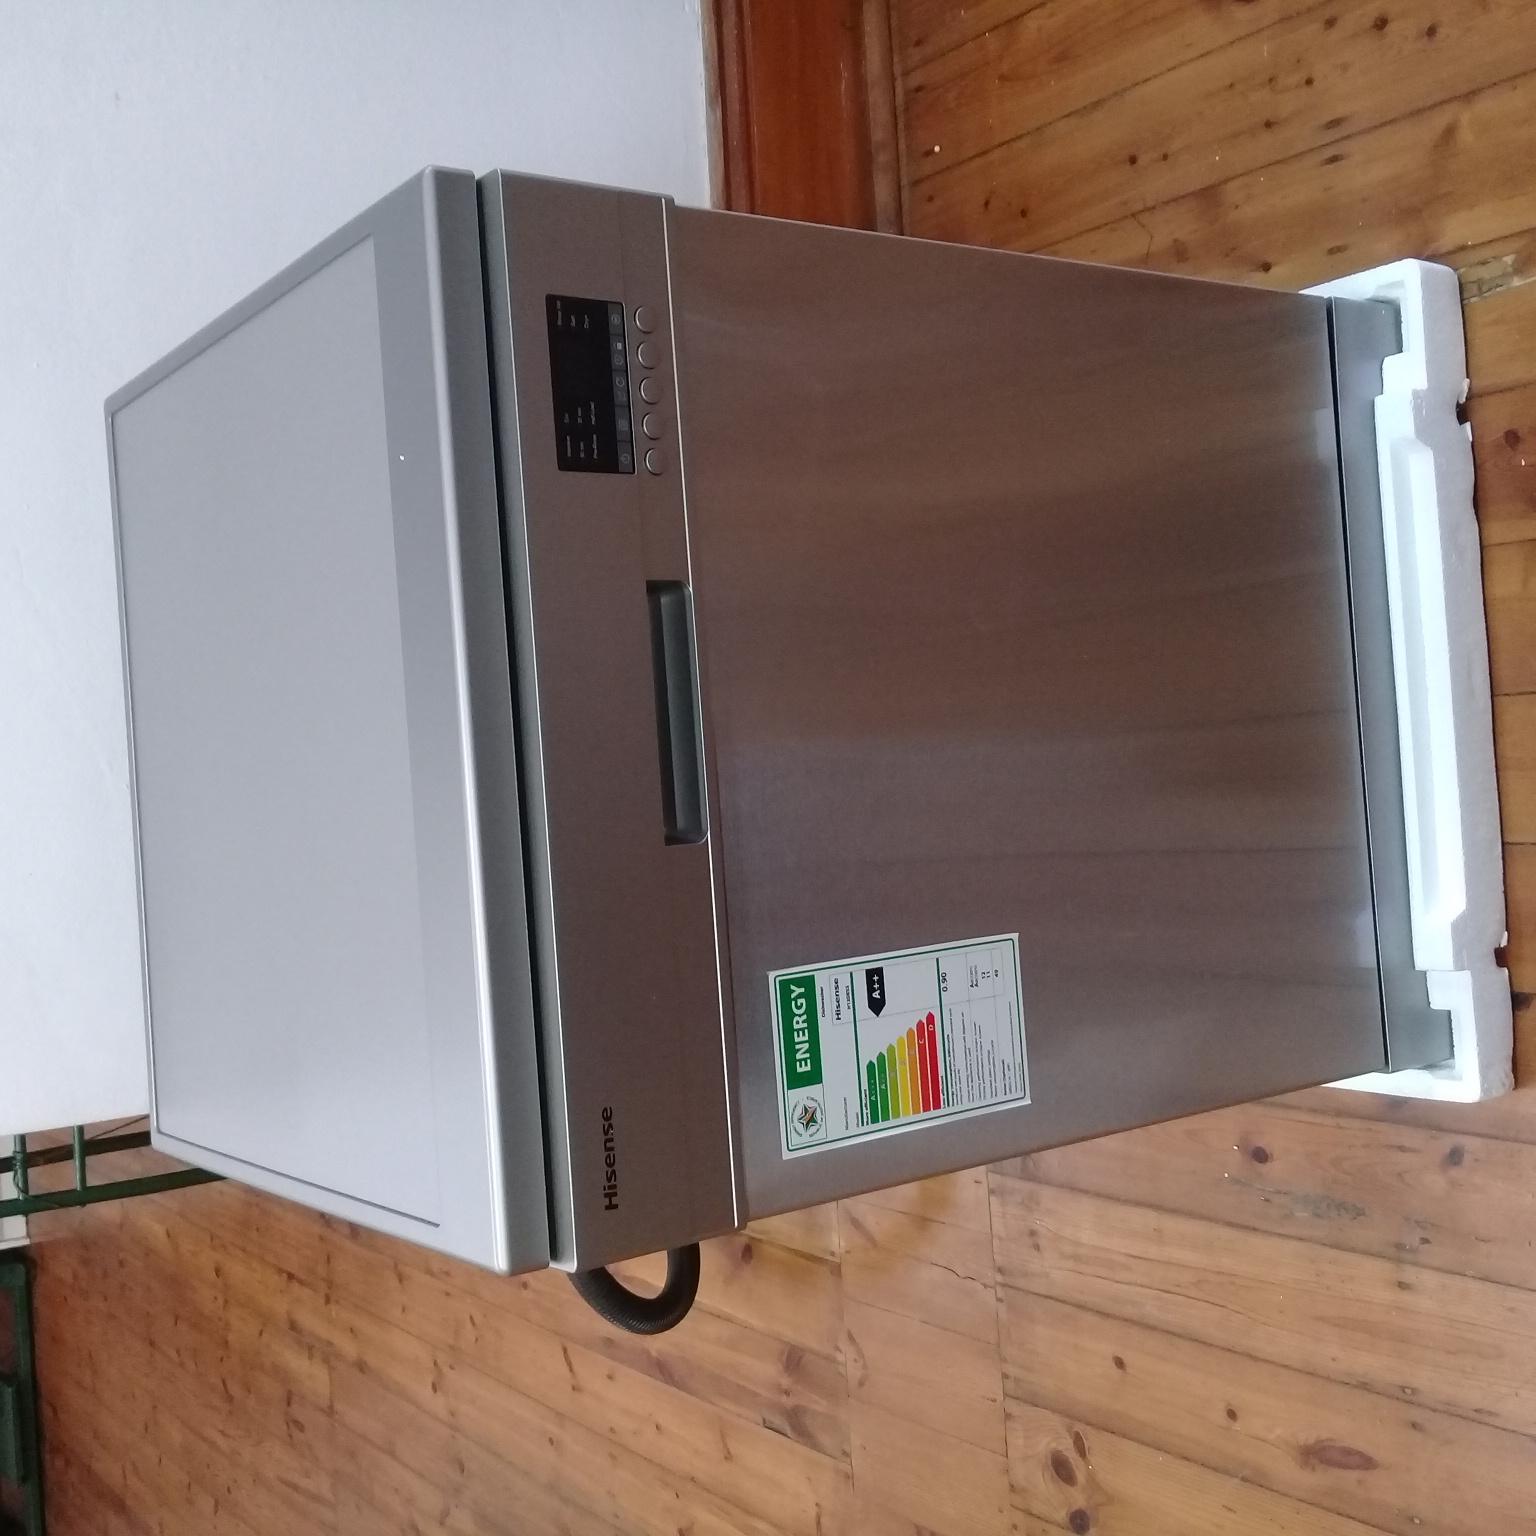 Hisense Dishwasher